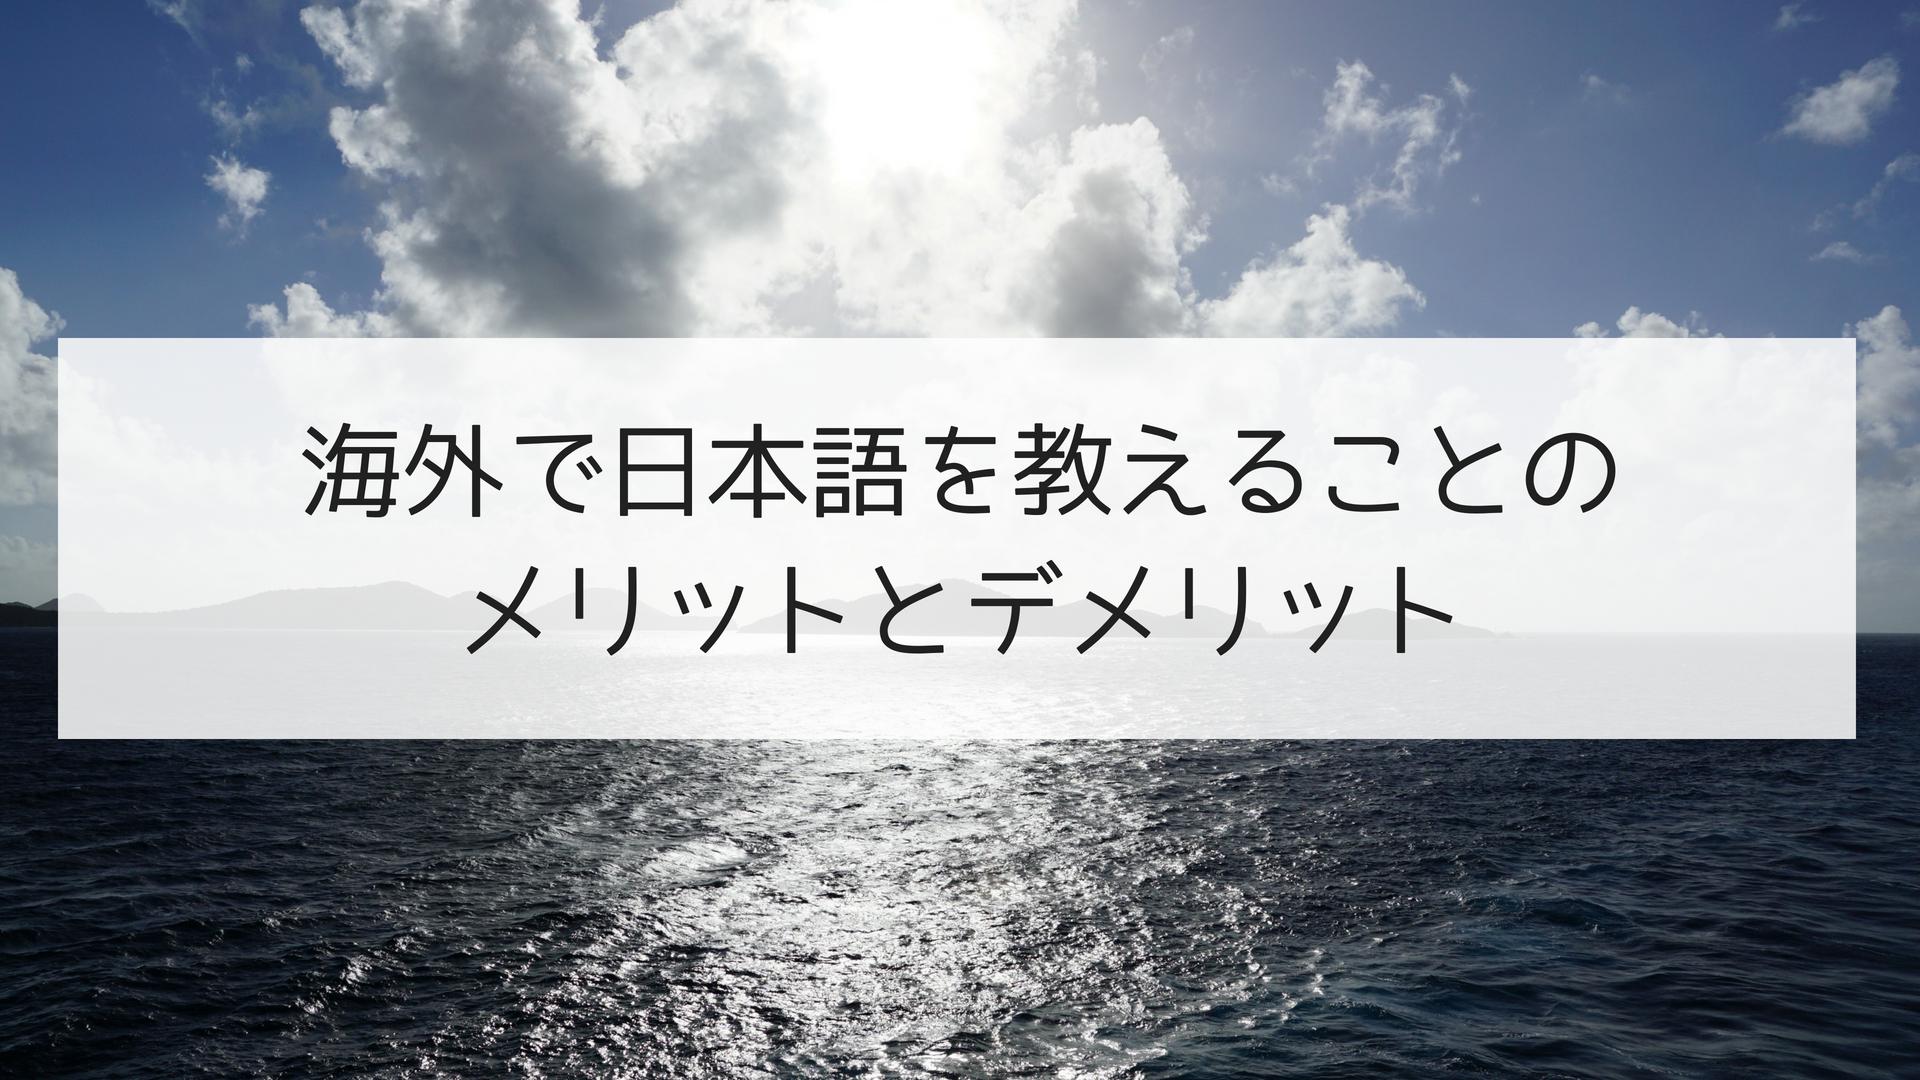 海外で日本語教師をすることのメリットとデメリット